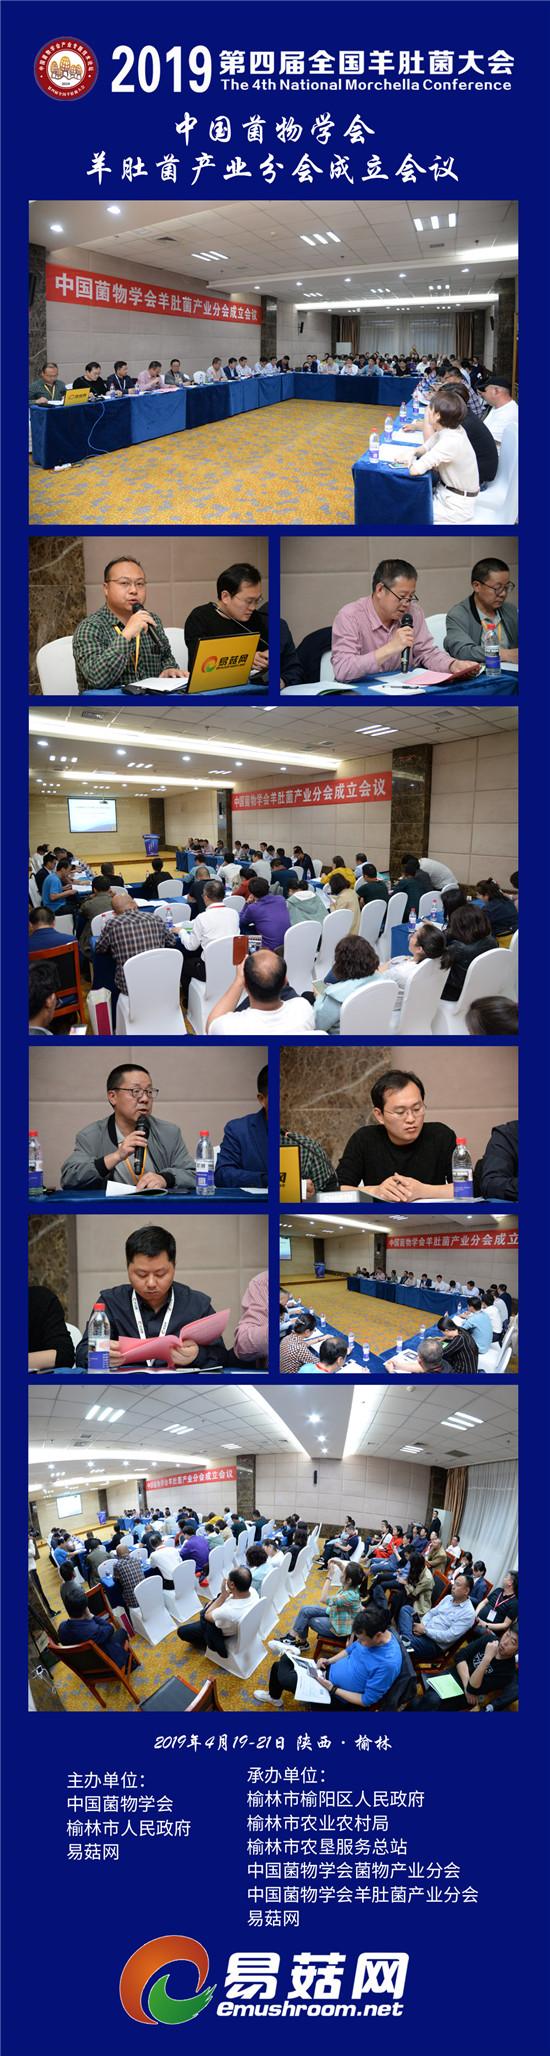 2019羊肚菌会议--中国菌物学会羊肚菌产业分会成立会议